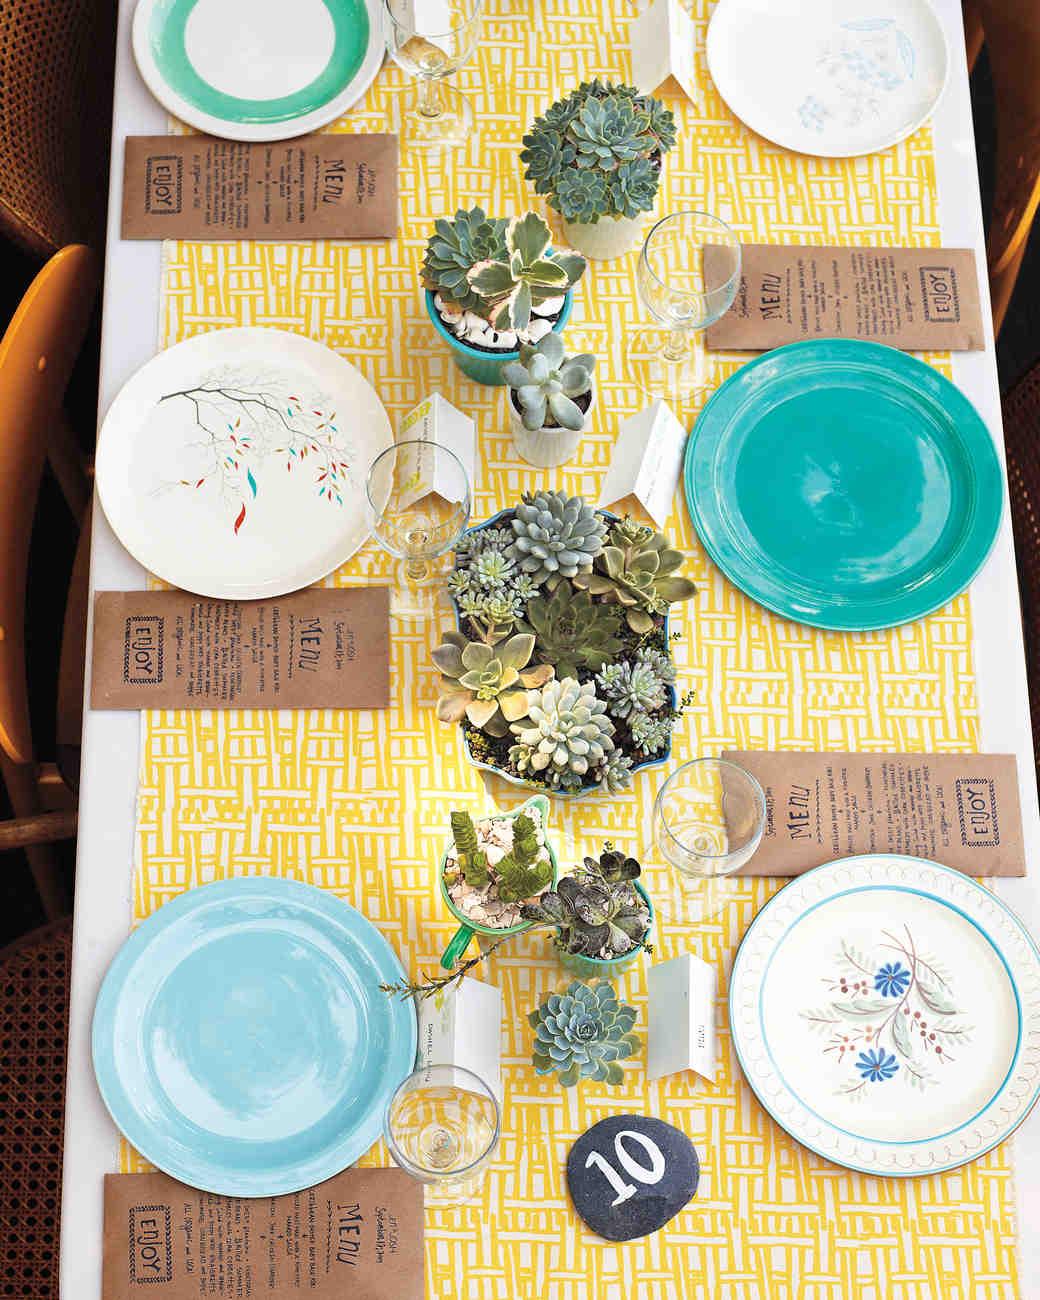 table-setting-280-msw-07-mwd105308.jpg